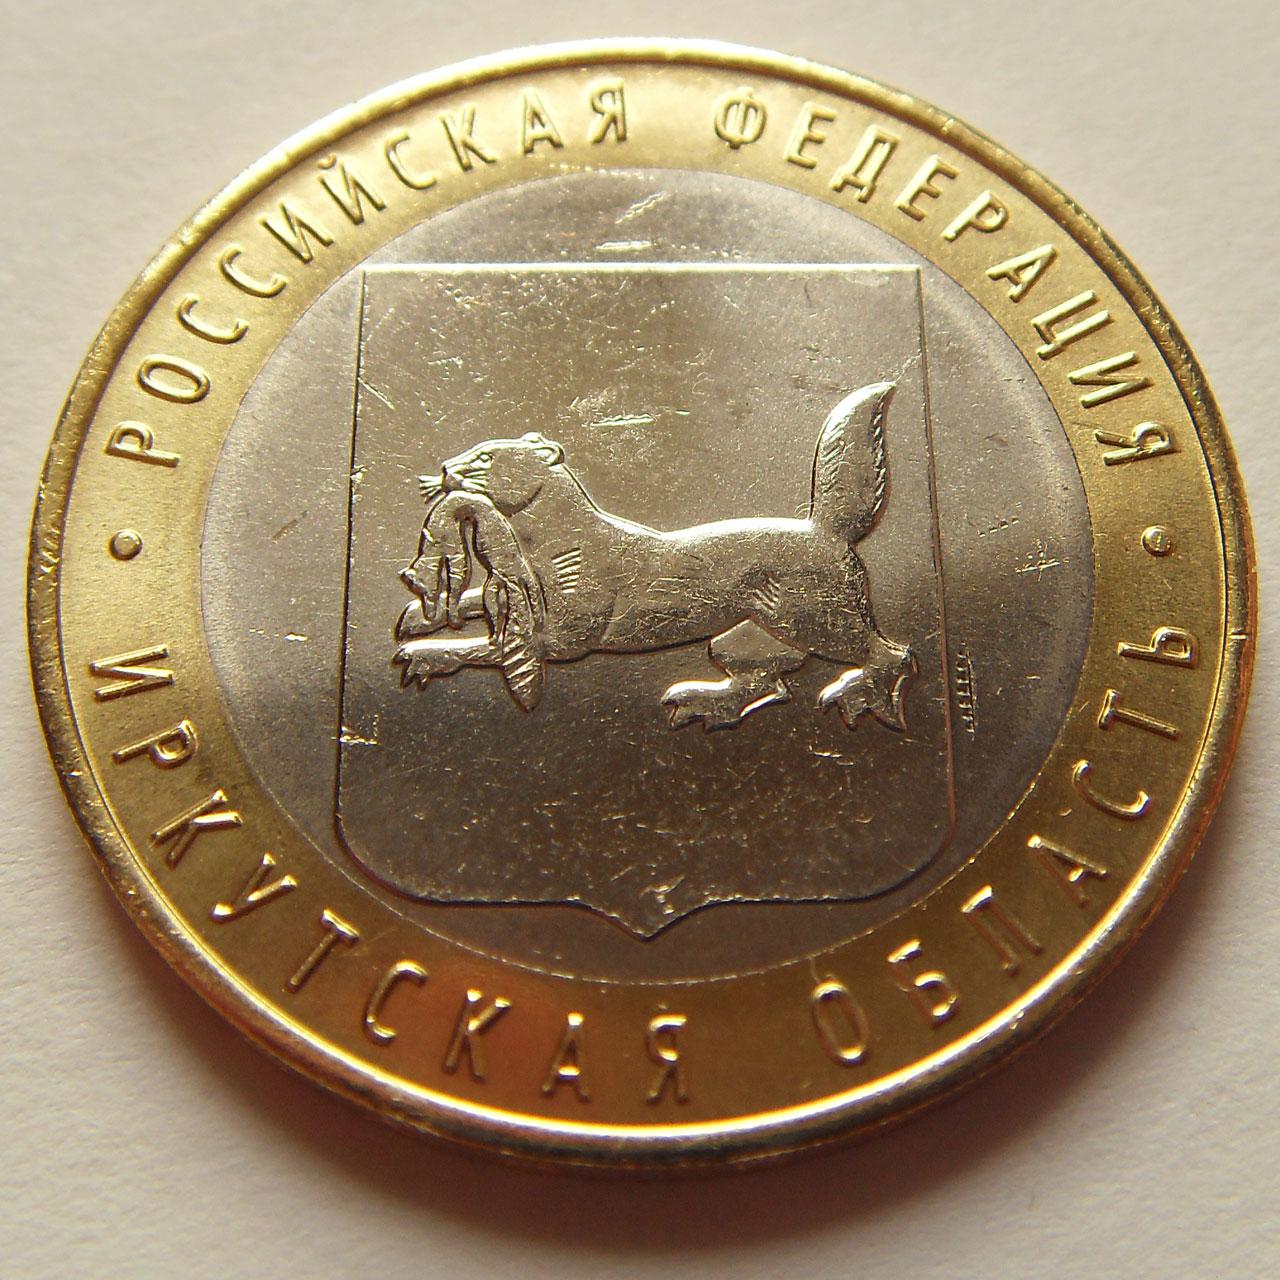 Юбилейная монета 10 рублей иркутская область 2016 польша монеты 2017 года